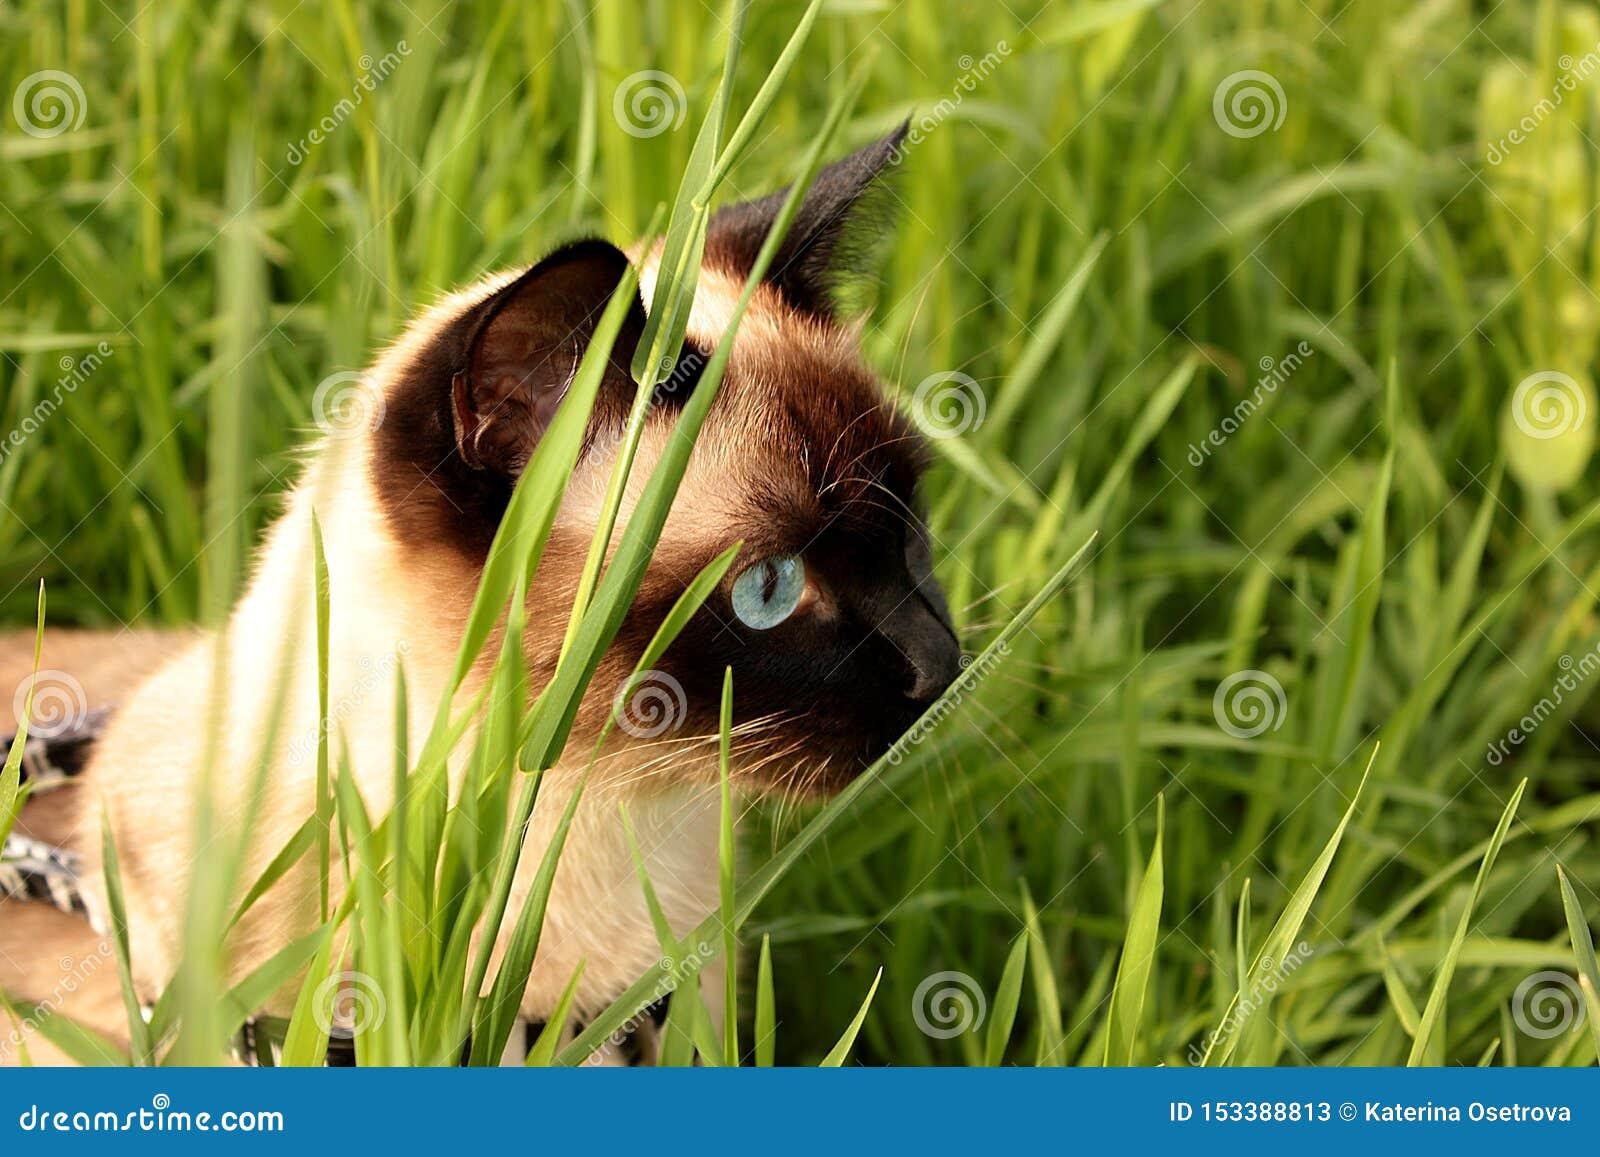 Сиамский кот охотится в траве